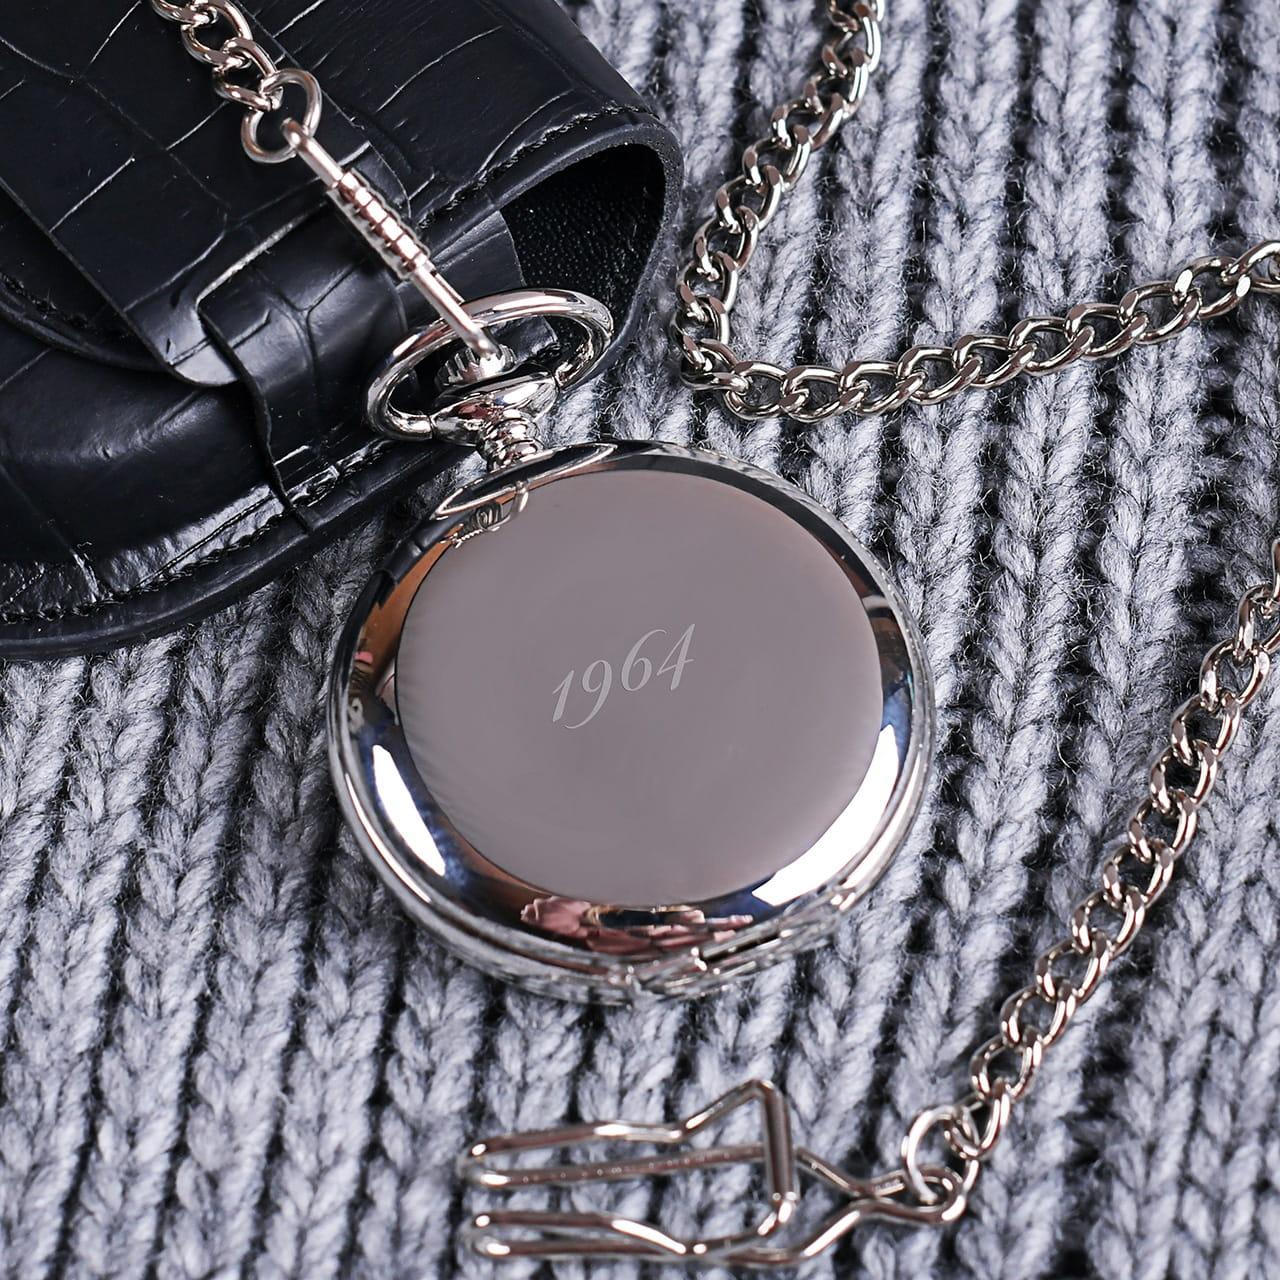 Zegarek kieszonkowy, czyli elegancki prezent dla księdza